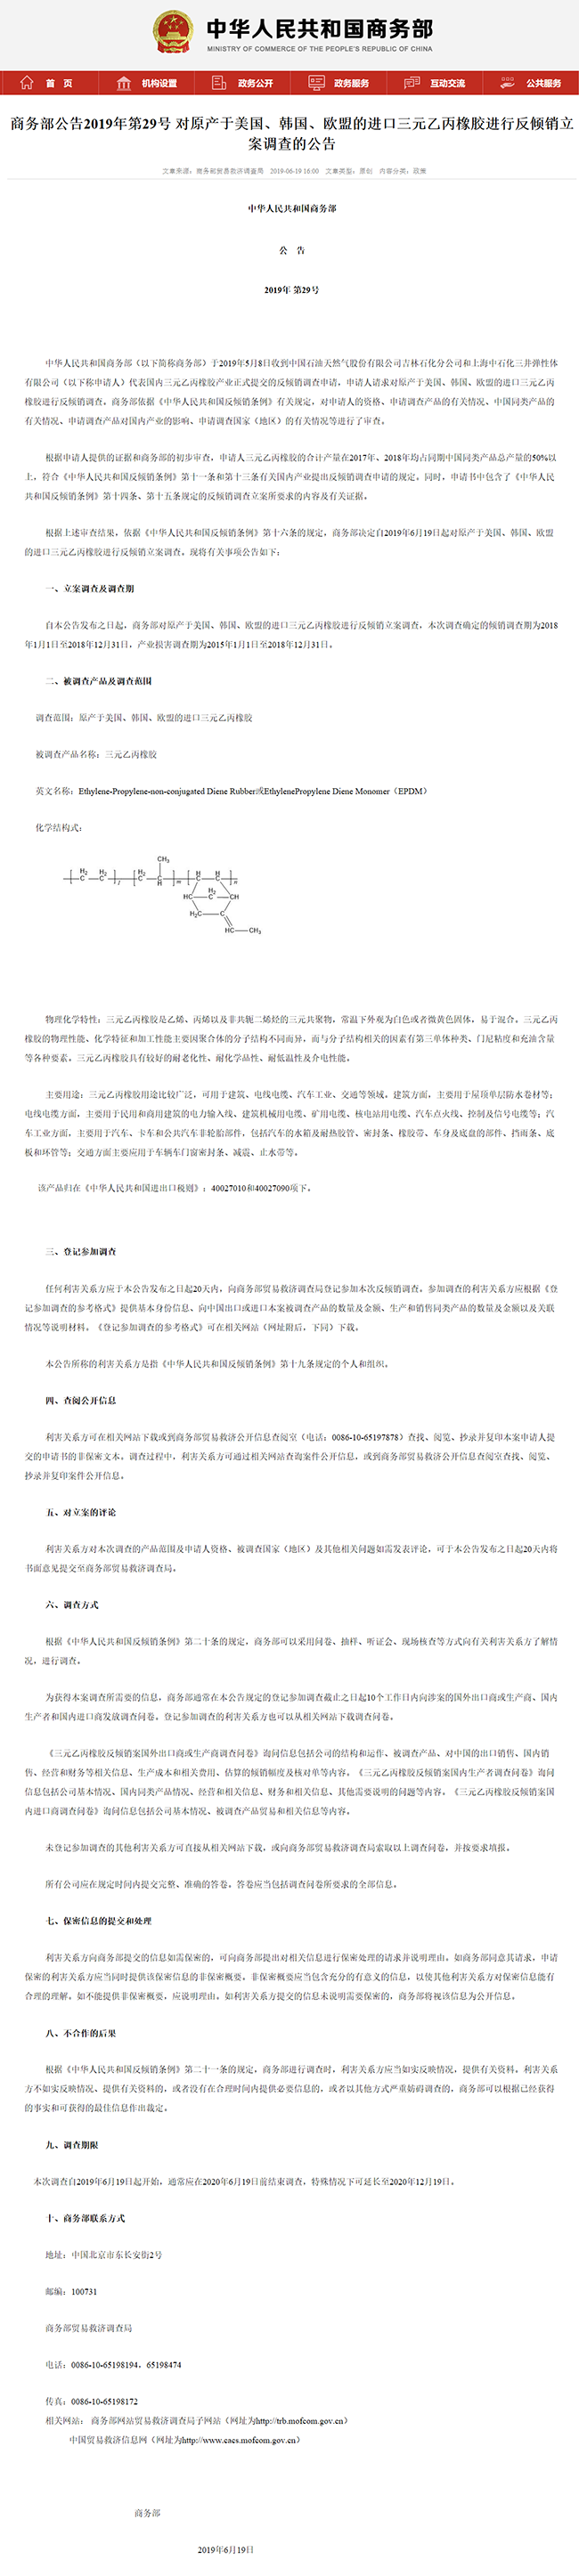 商务部公告2019年第29号 对原产于美国、韩国、欧盟的进口三元乙丙乐动体育平台注册进行反倾销立案调查的公告